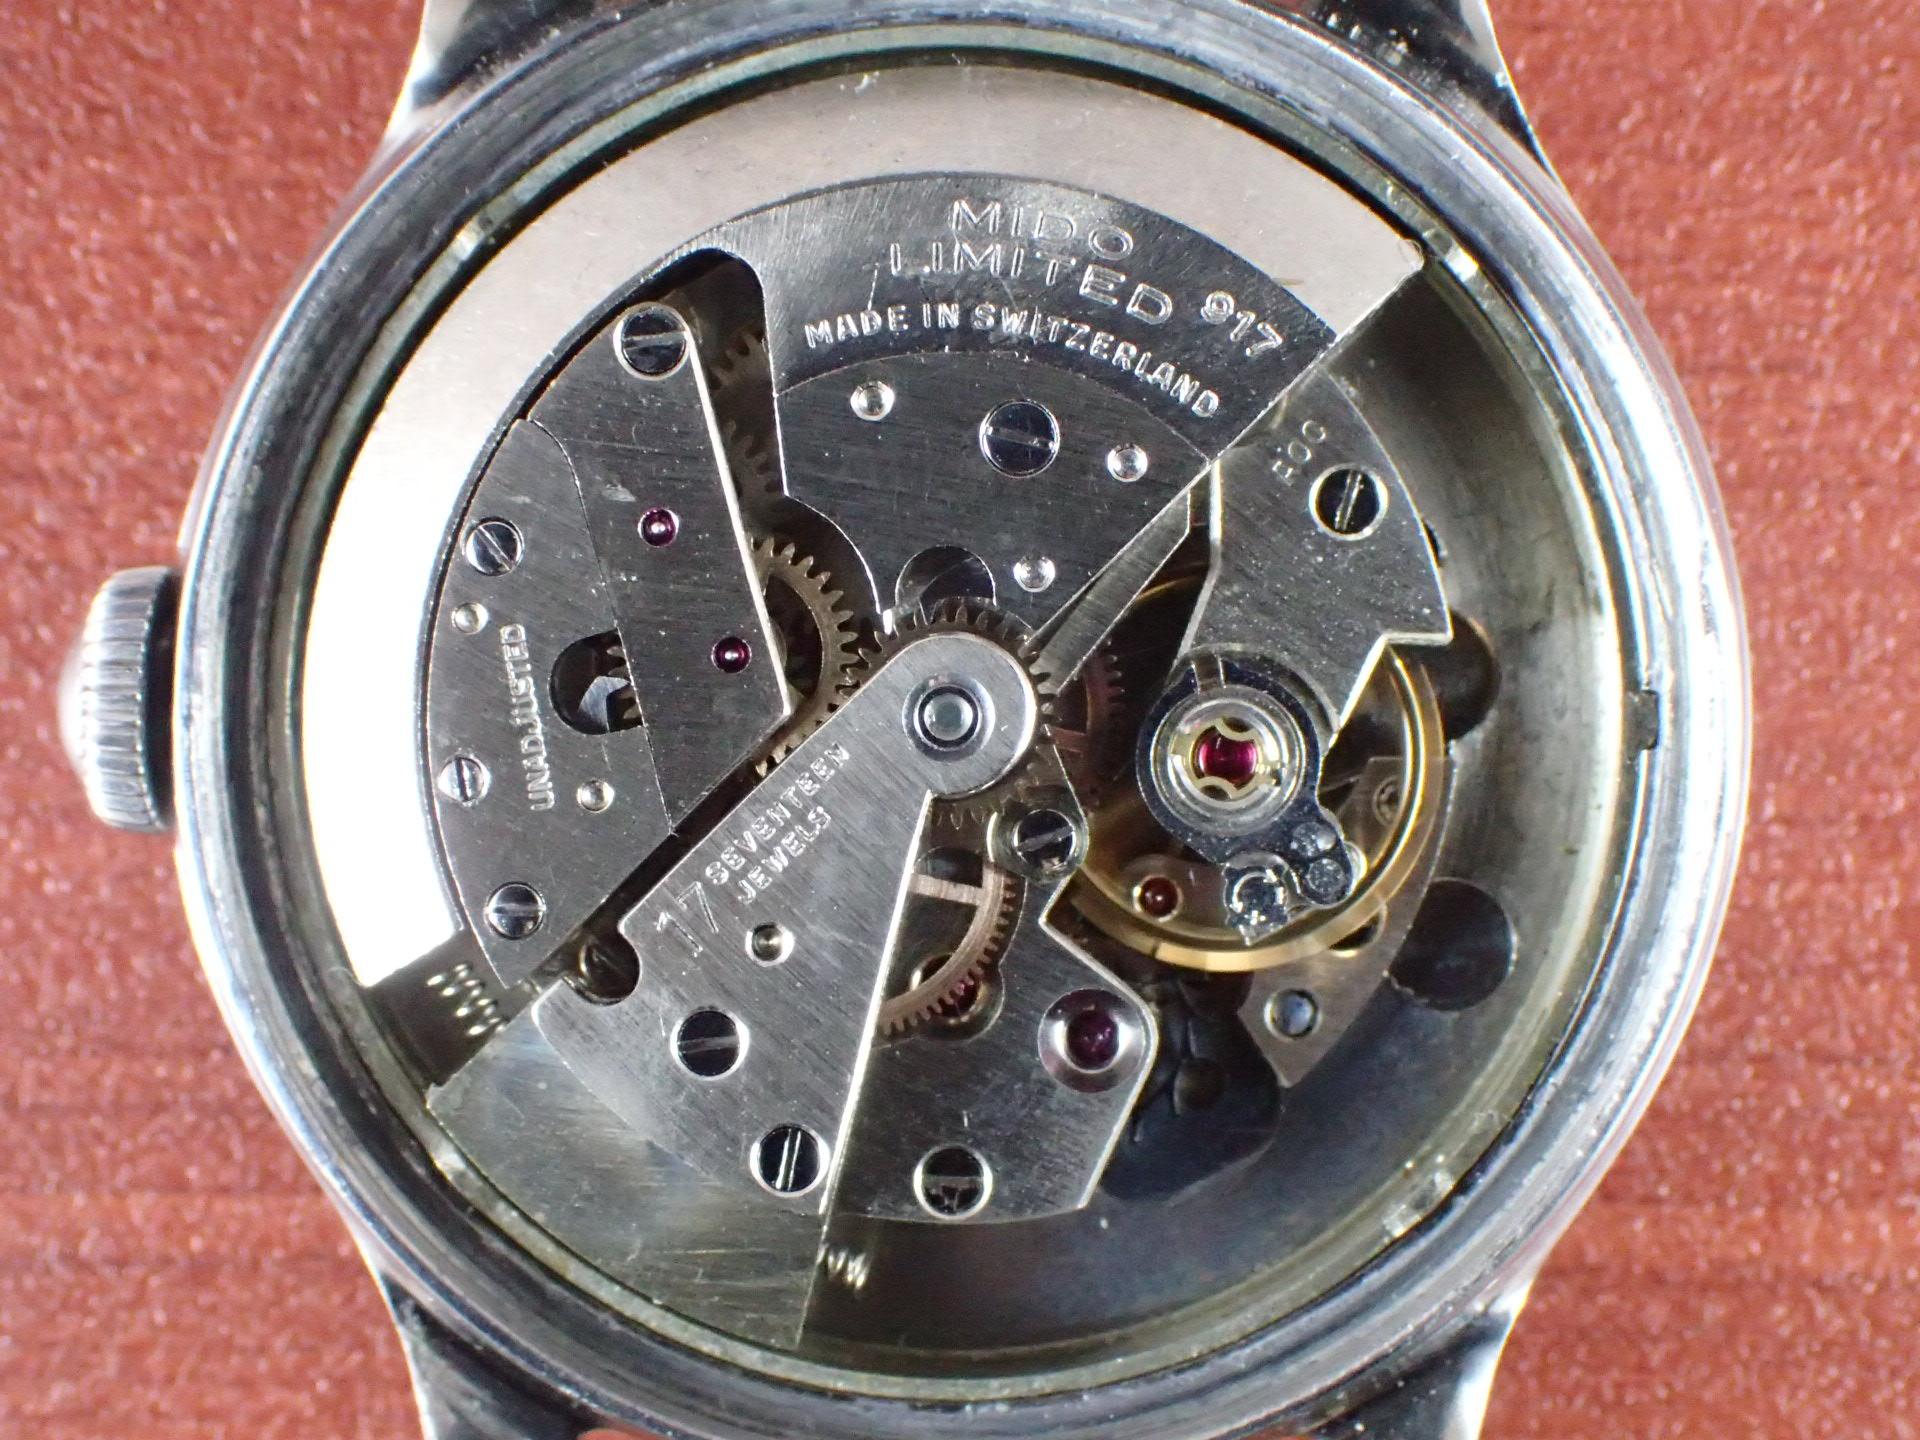 ミドー マルチフォート ラージケース 34mm 2トーンダイアル 1940年代の写真5枚目